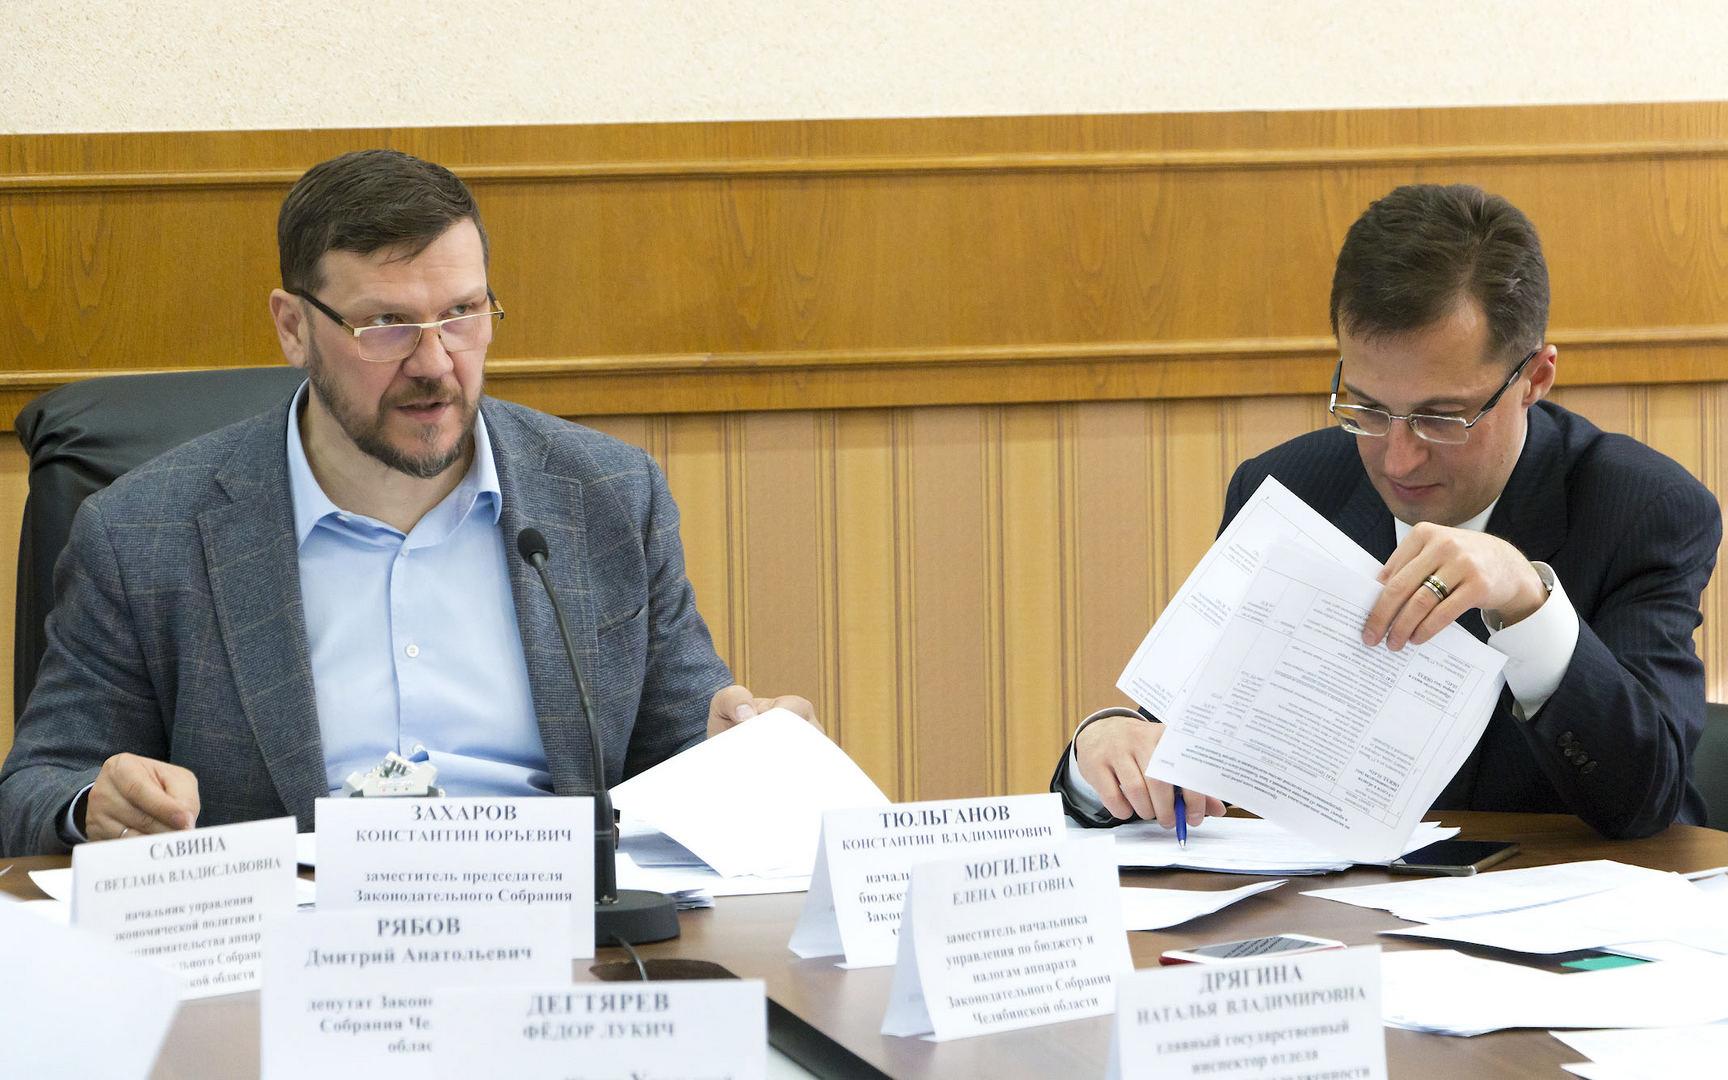 Четыре законопроекта, вносящие изменения в налоговые законы Челябинской области, обсудили на засе